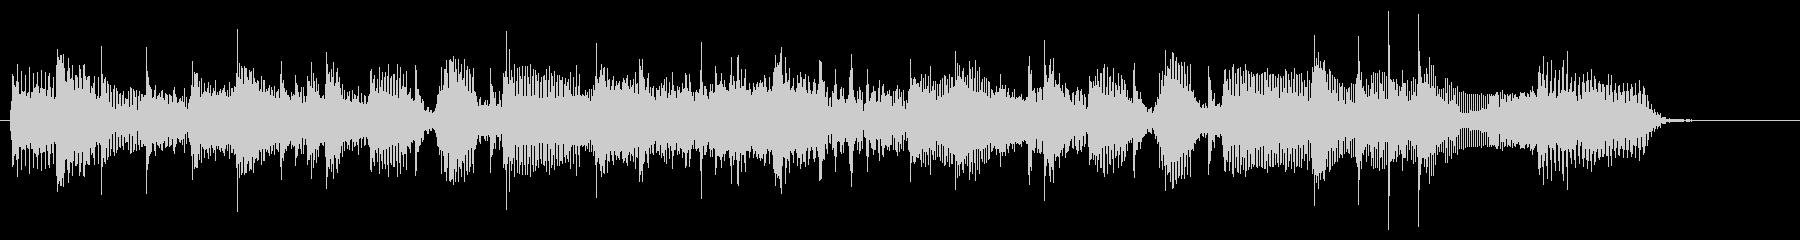 シャッフルリズムのロックBGMジングルの未再生の波形